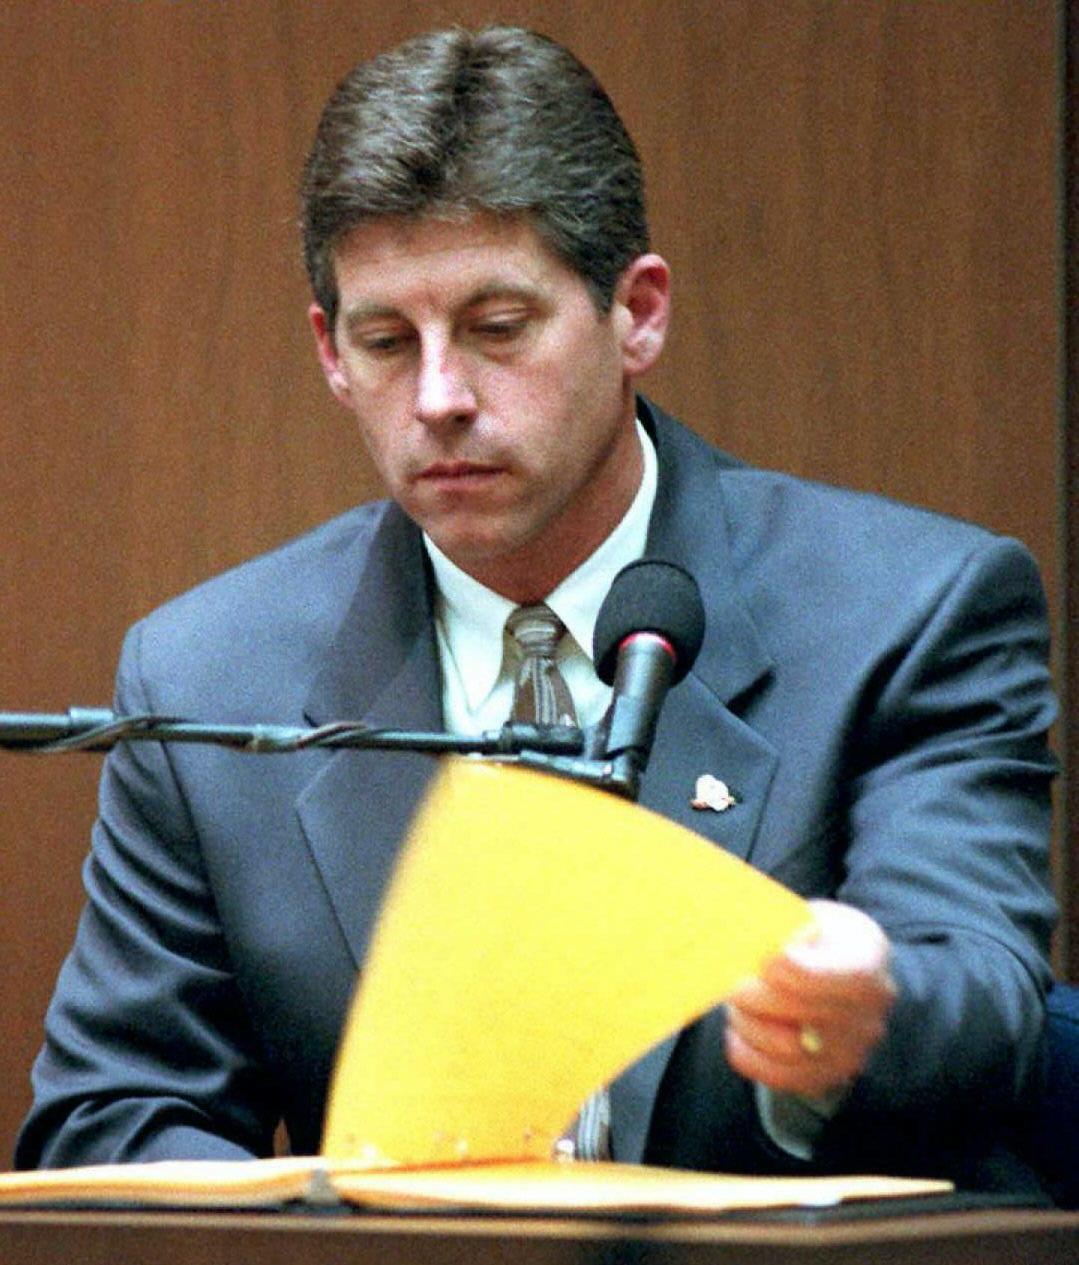 Mark Fuhrman Oj Simpson